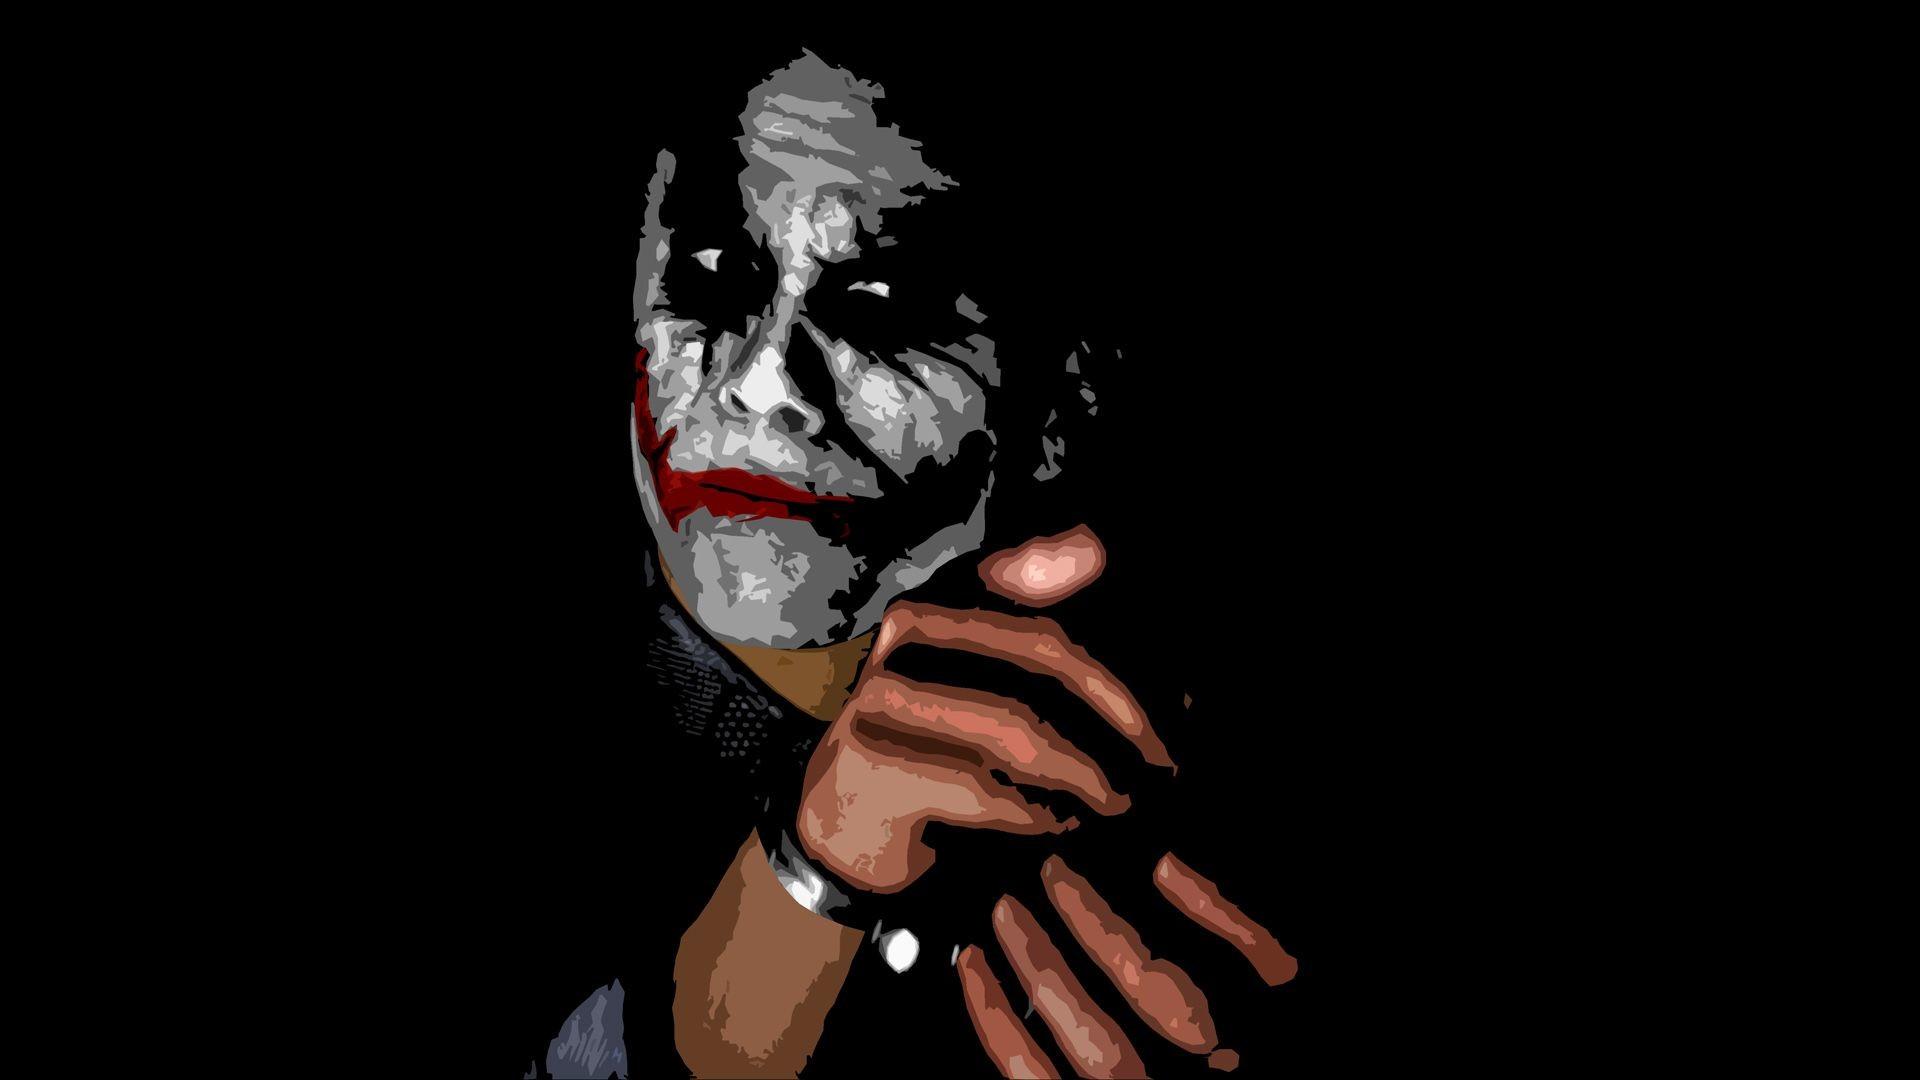 Joker Wallpaper 36 – HD Wallpaper, Wallpaper Pics – The Best .